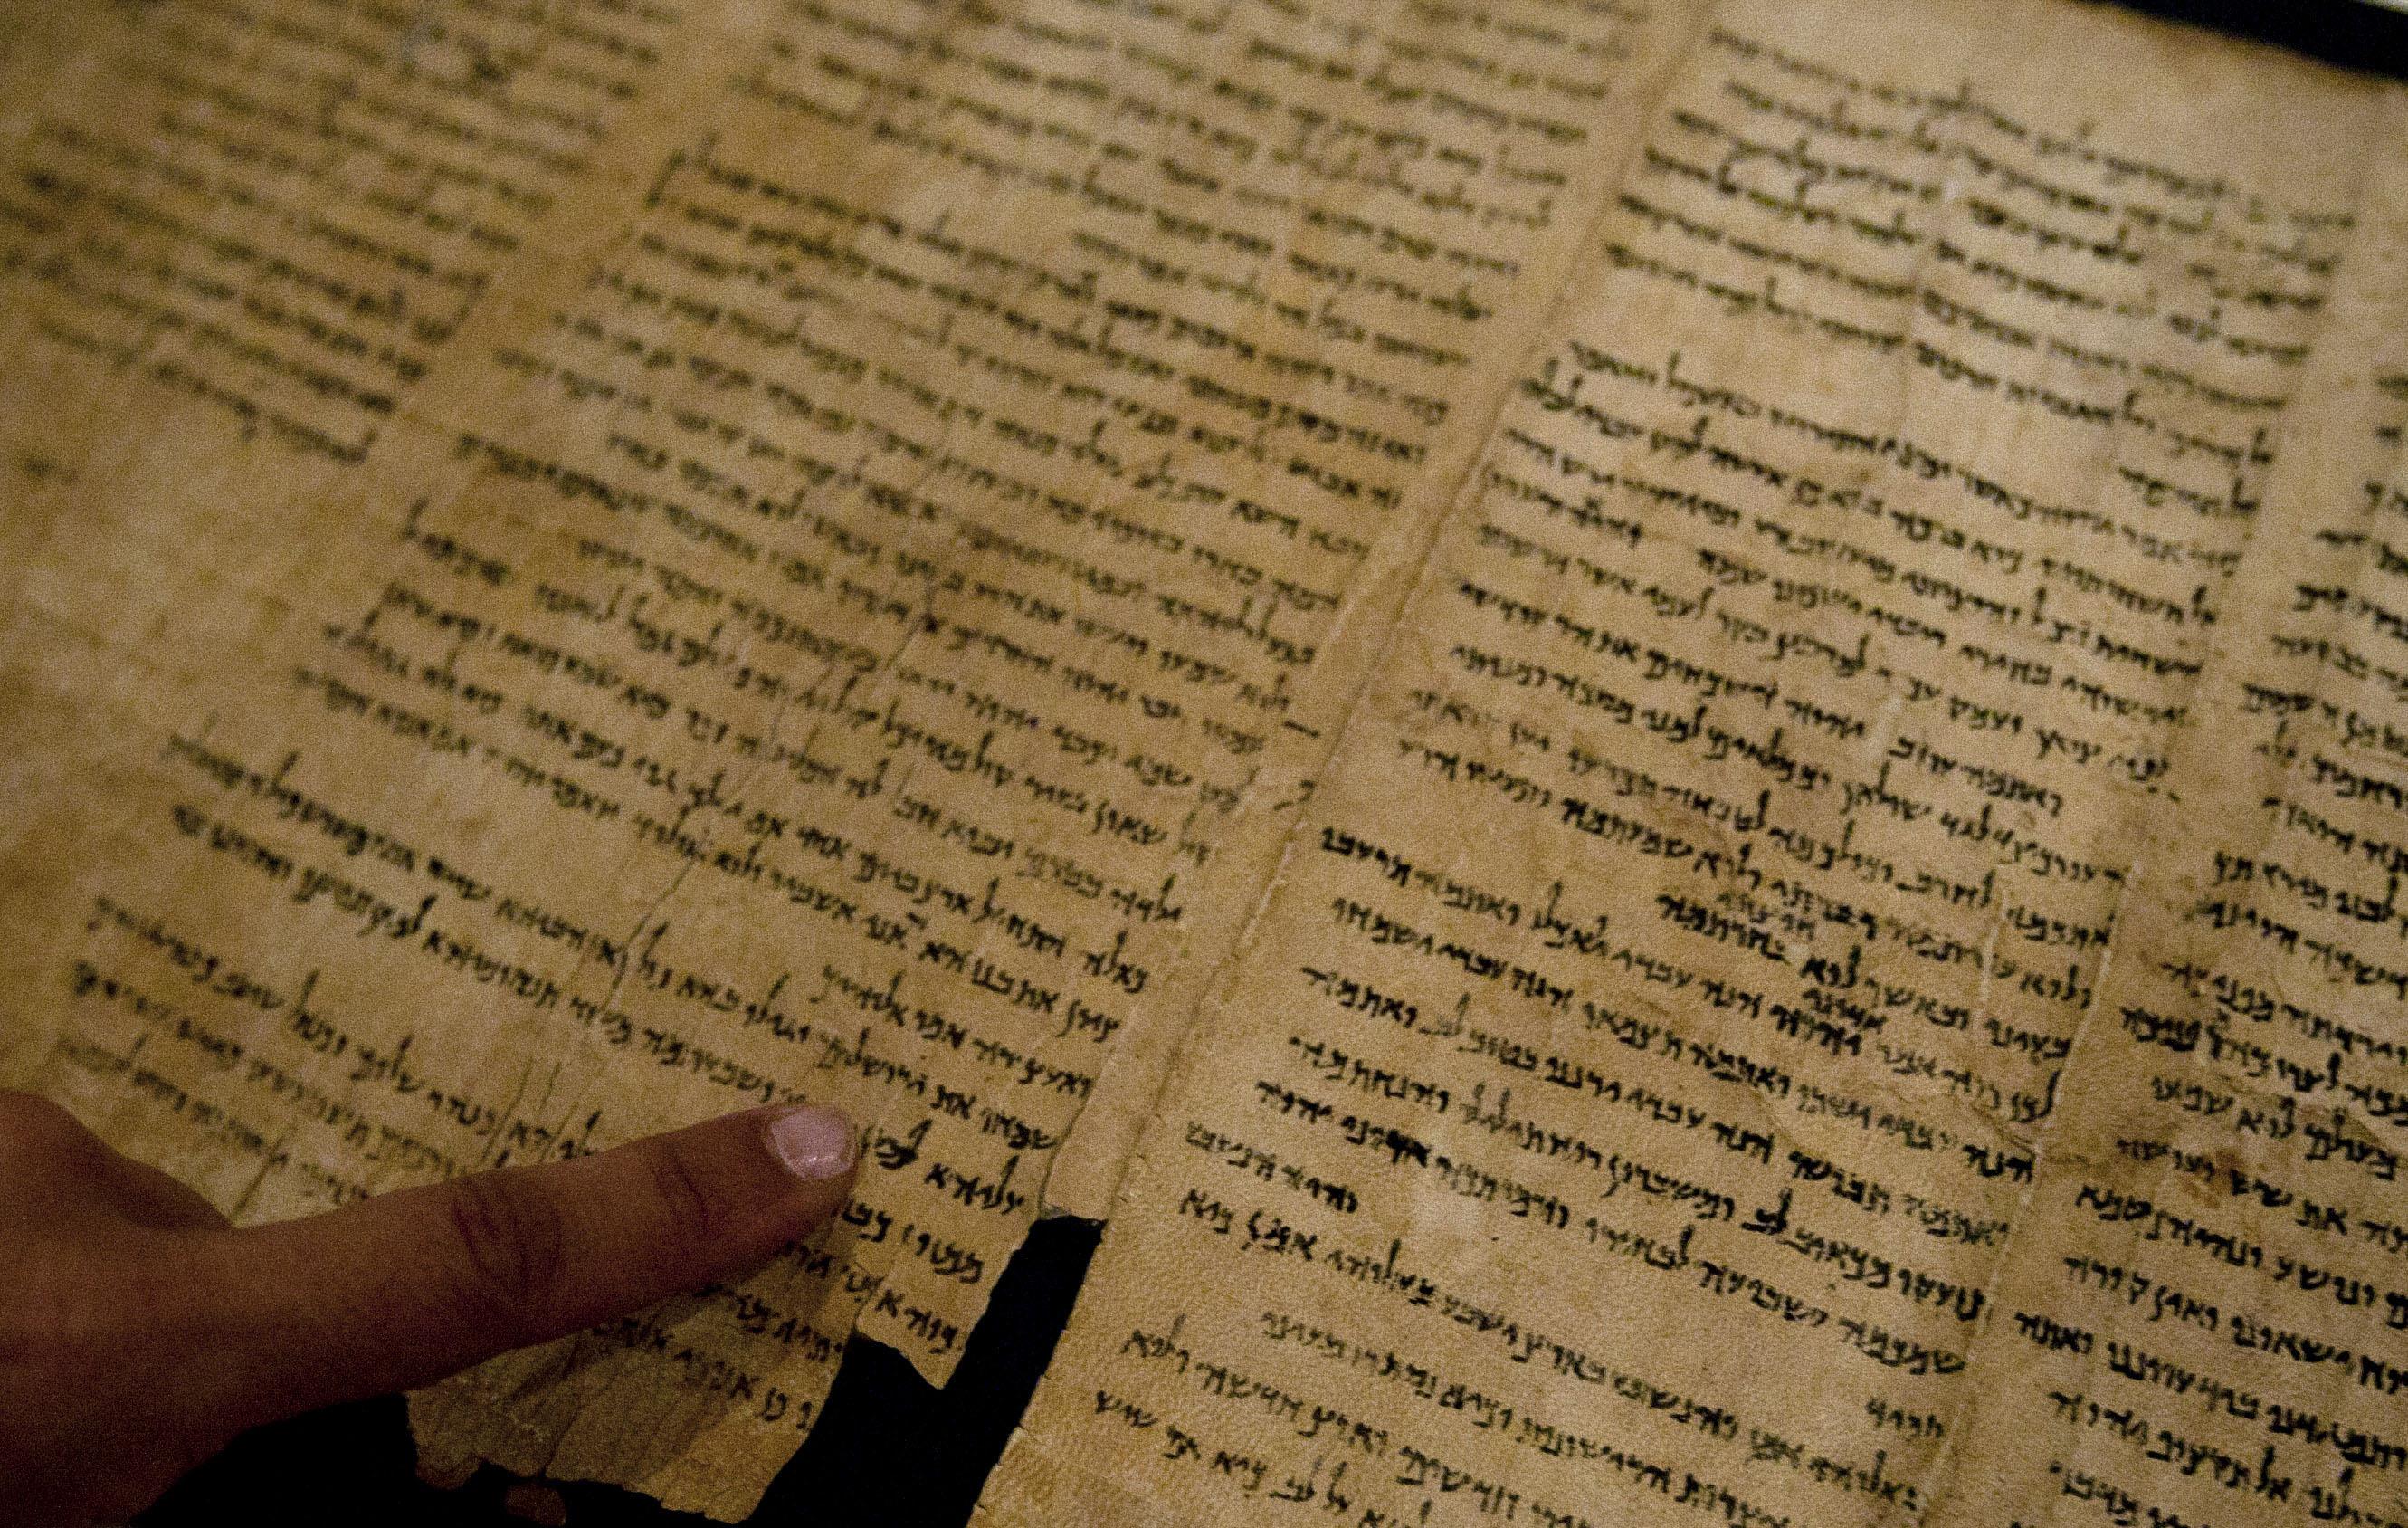 Mideast Israel Dead Sea Scrolls